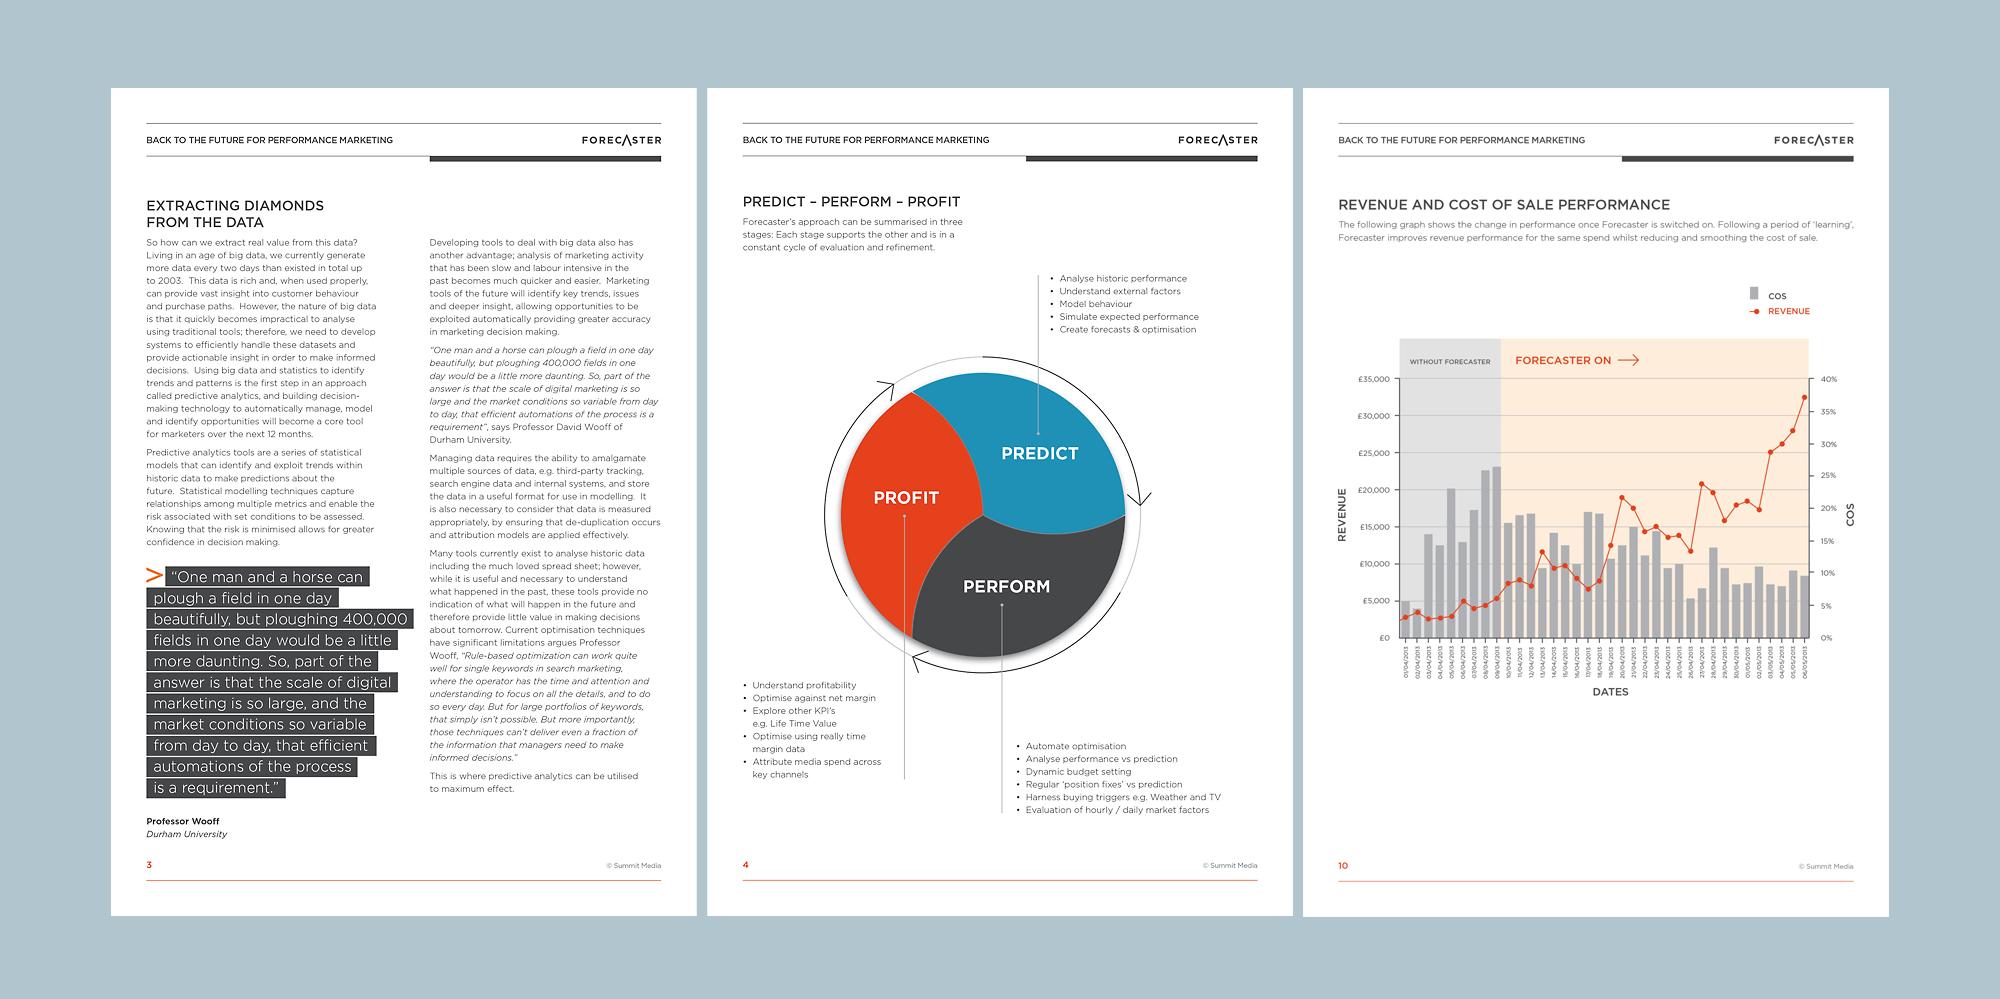 Forecaster White Paper 1